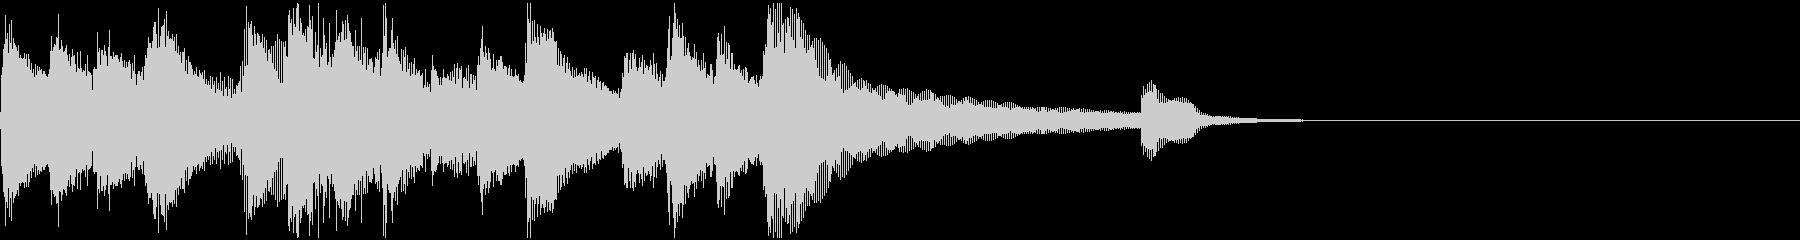 ピアノとストリングスの爽やかなジングルの未再生の波形